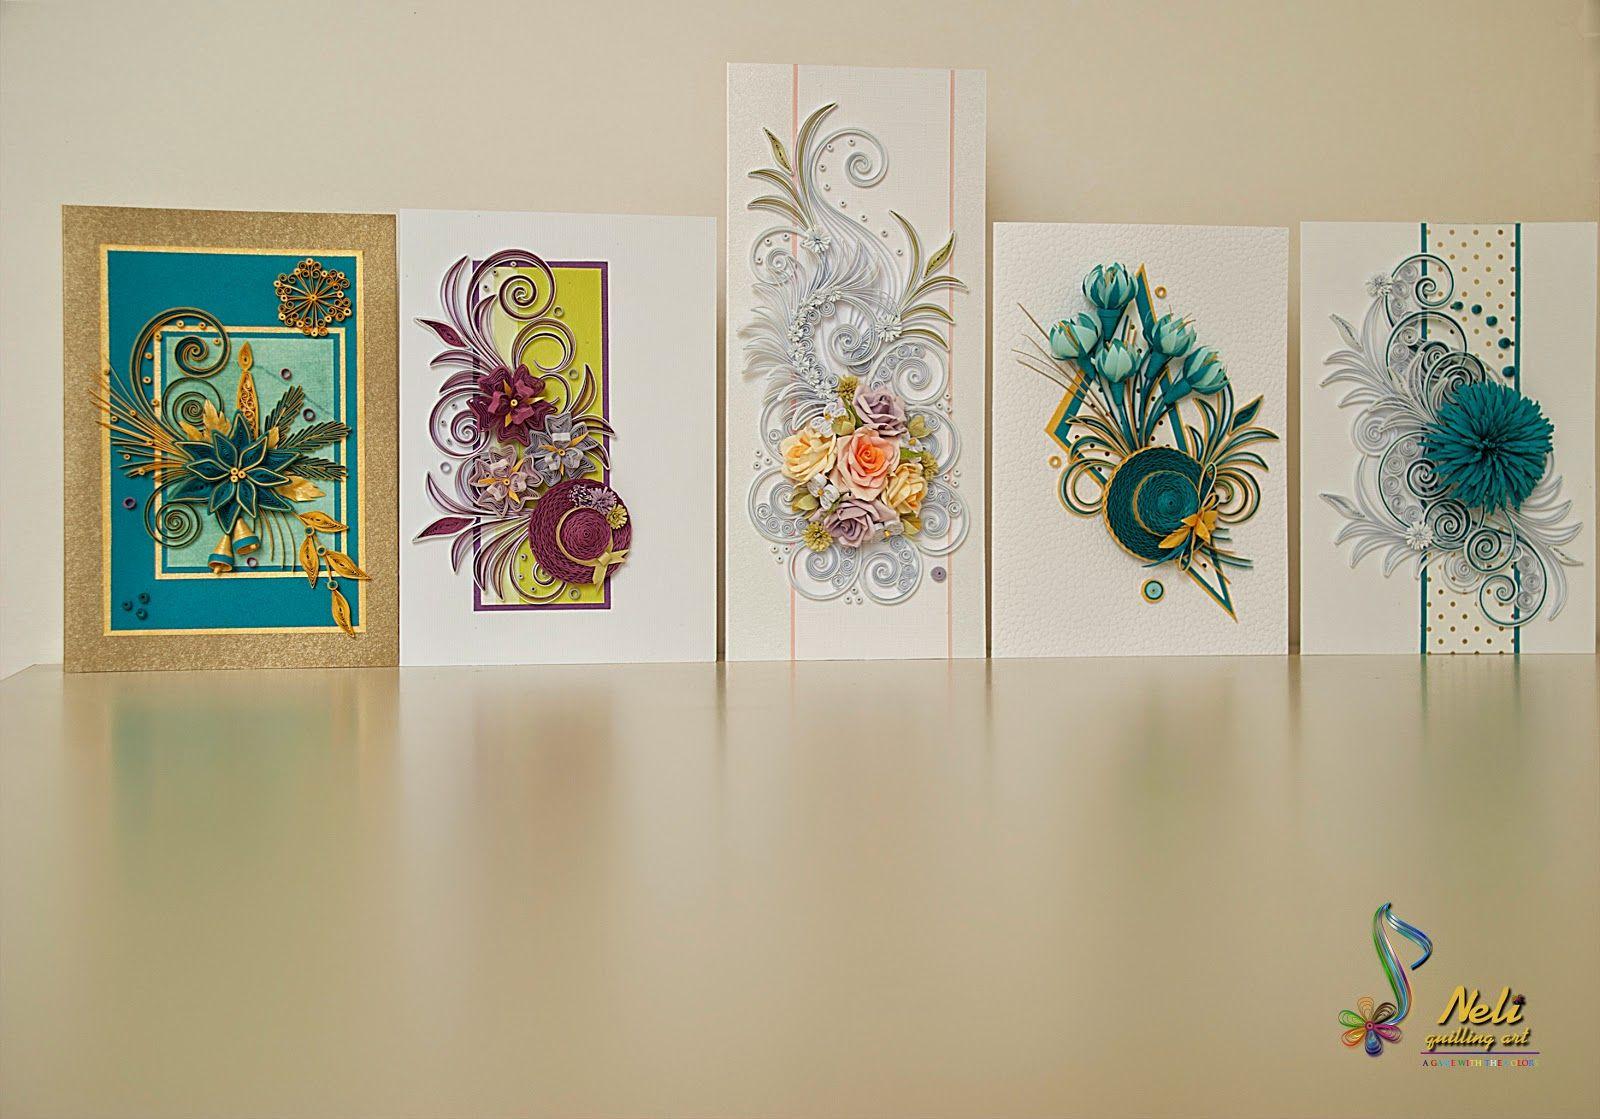 Pin By Merle Orgusaar On Cards